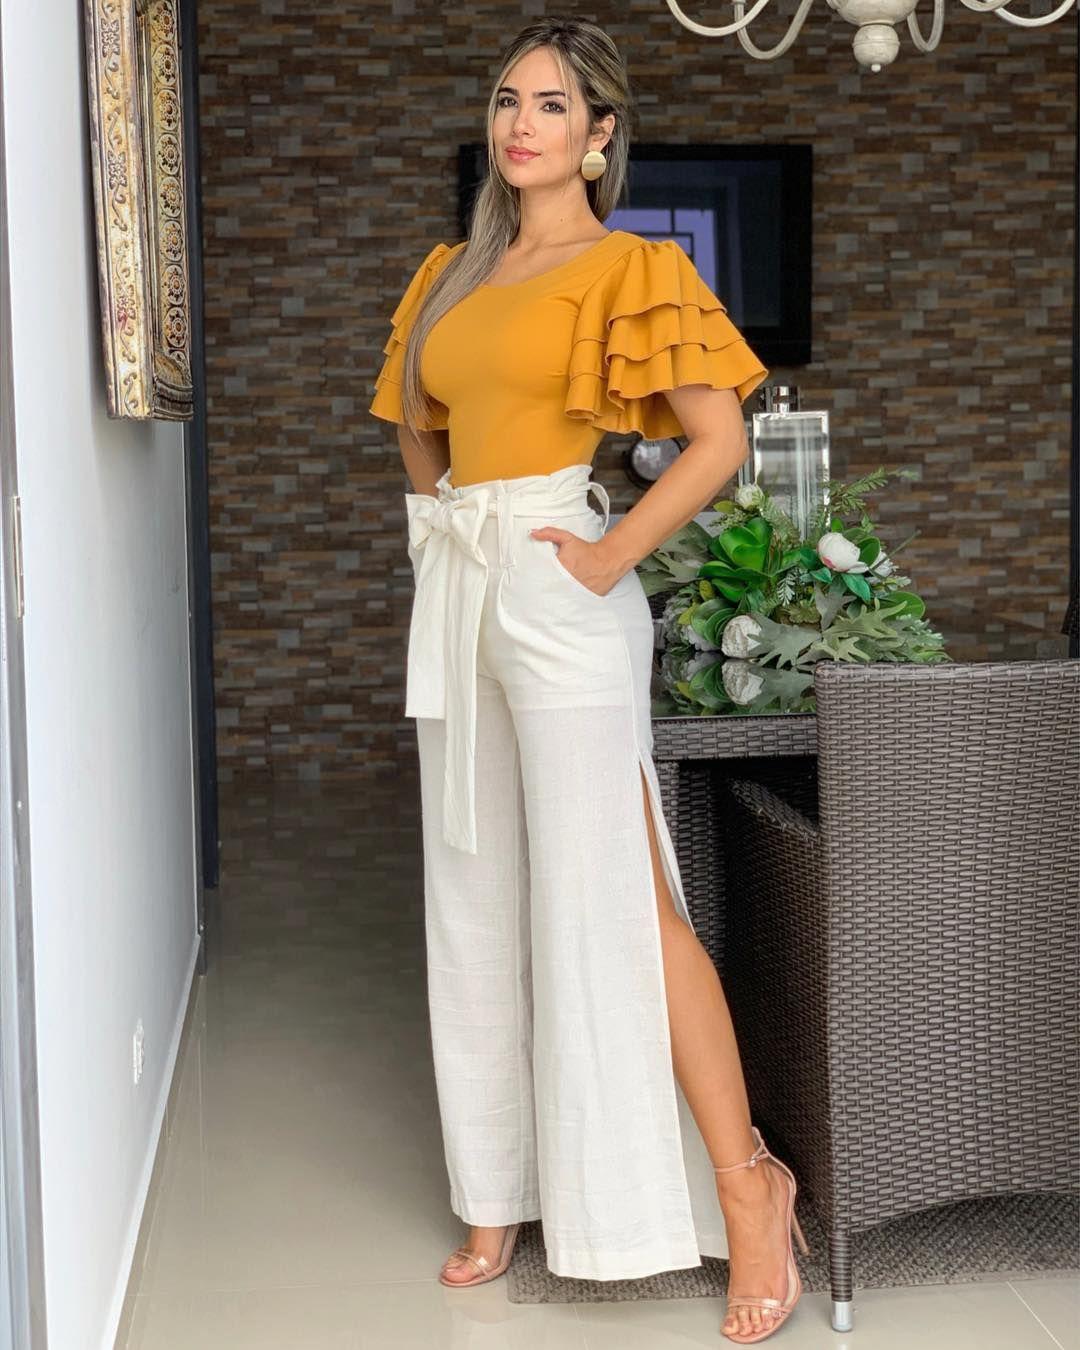 La Imagen Puede Contener 1 Persona De Pie Pantalones De Vestir Mujer Pantalones De Moda Pantalones De Moda Mujer